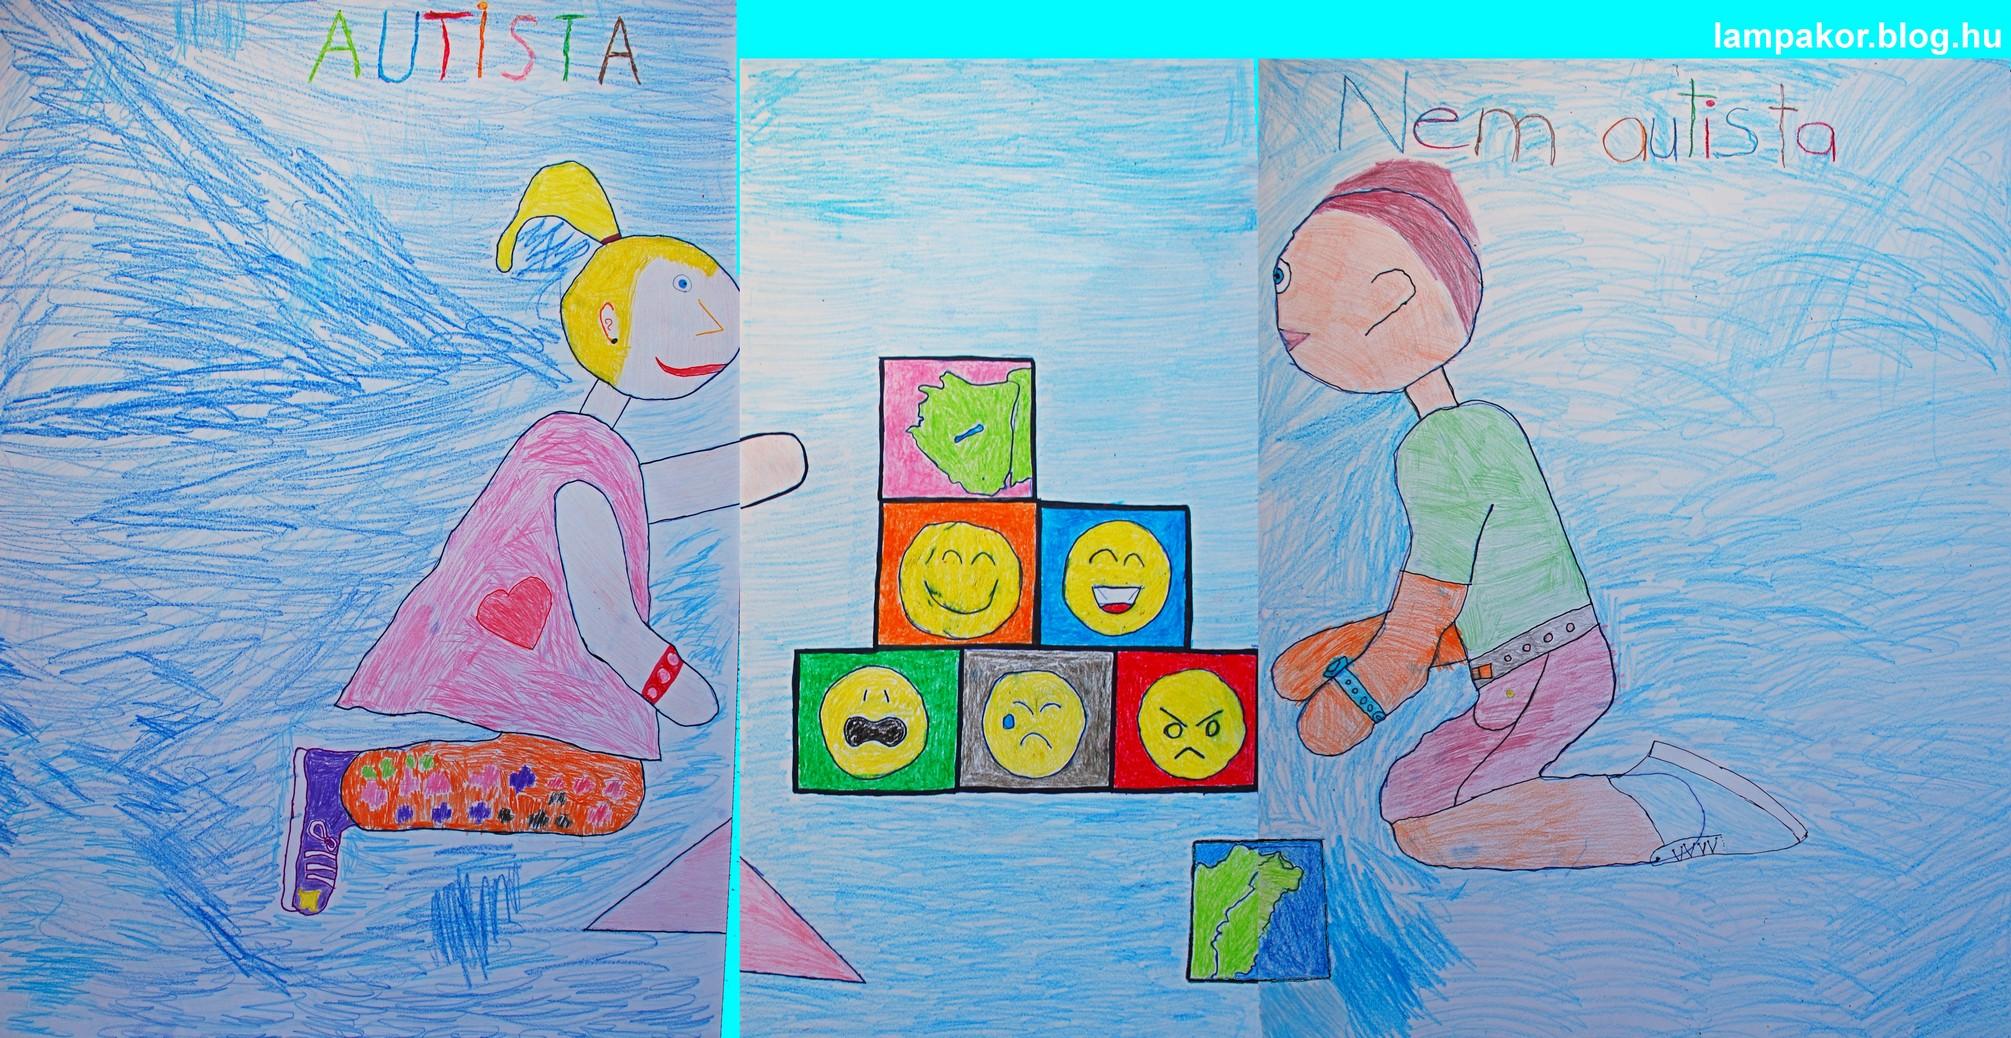 Autista és nem autista diákok közösen építik hazánkat